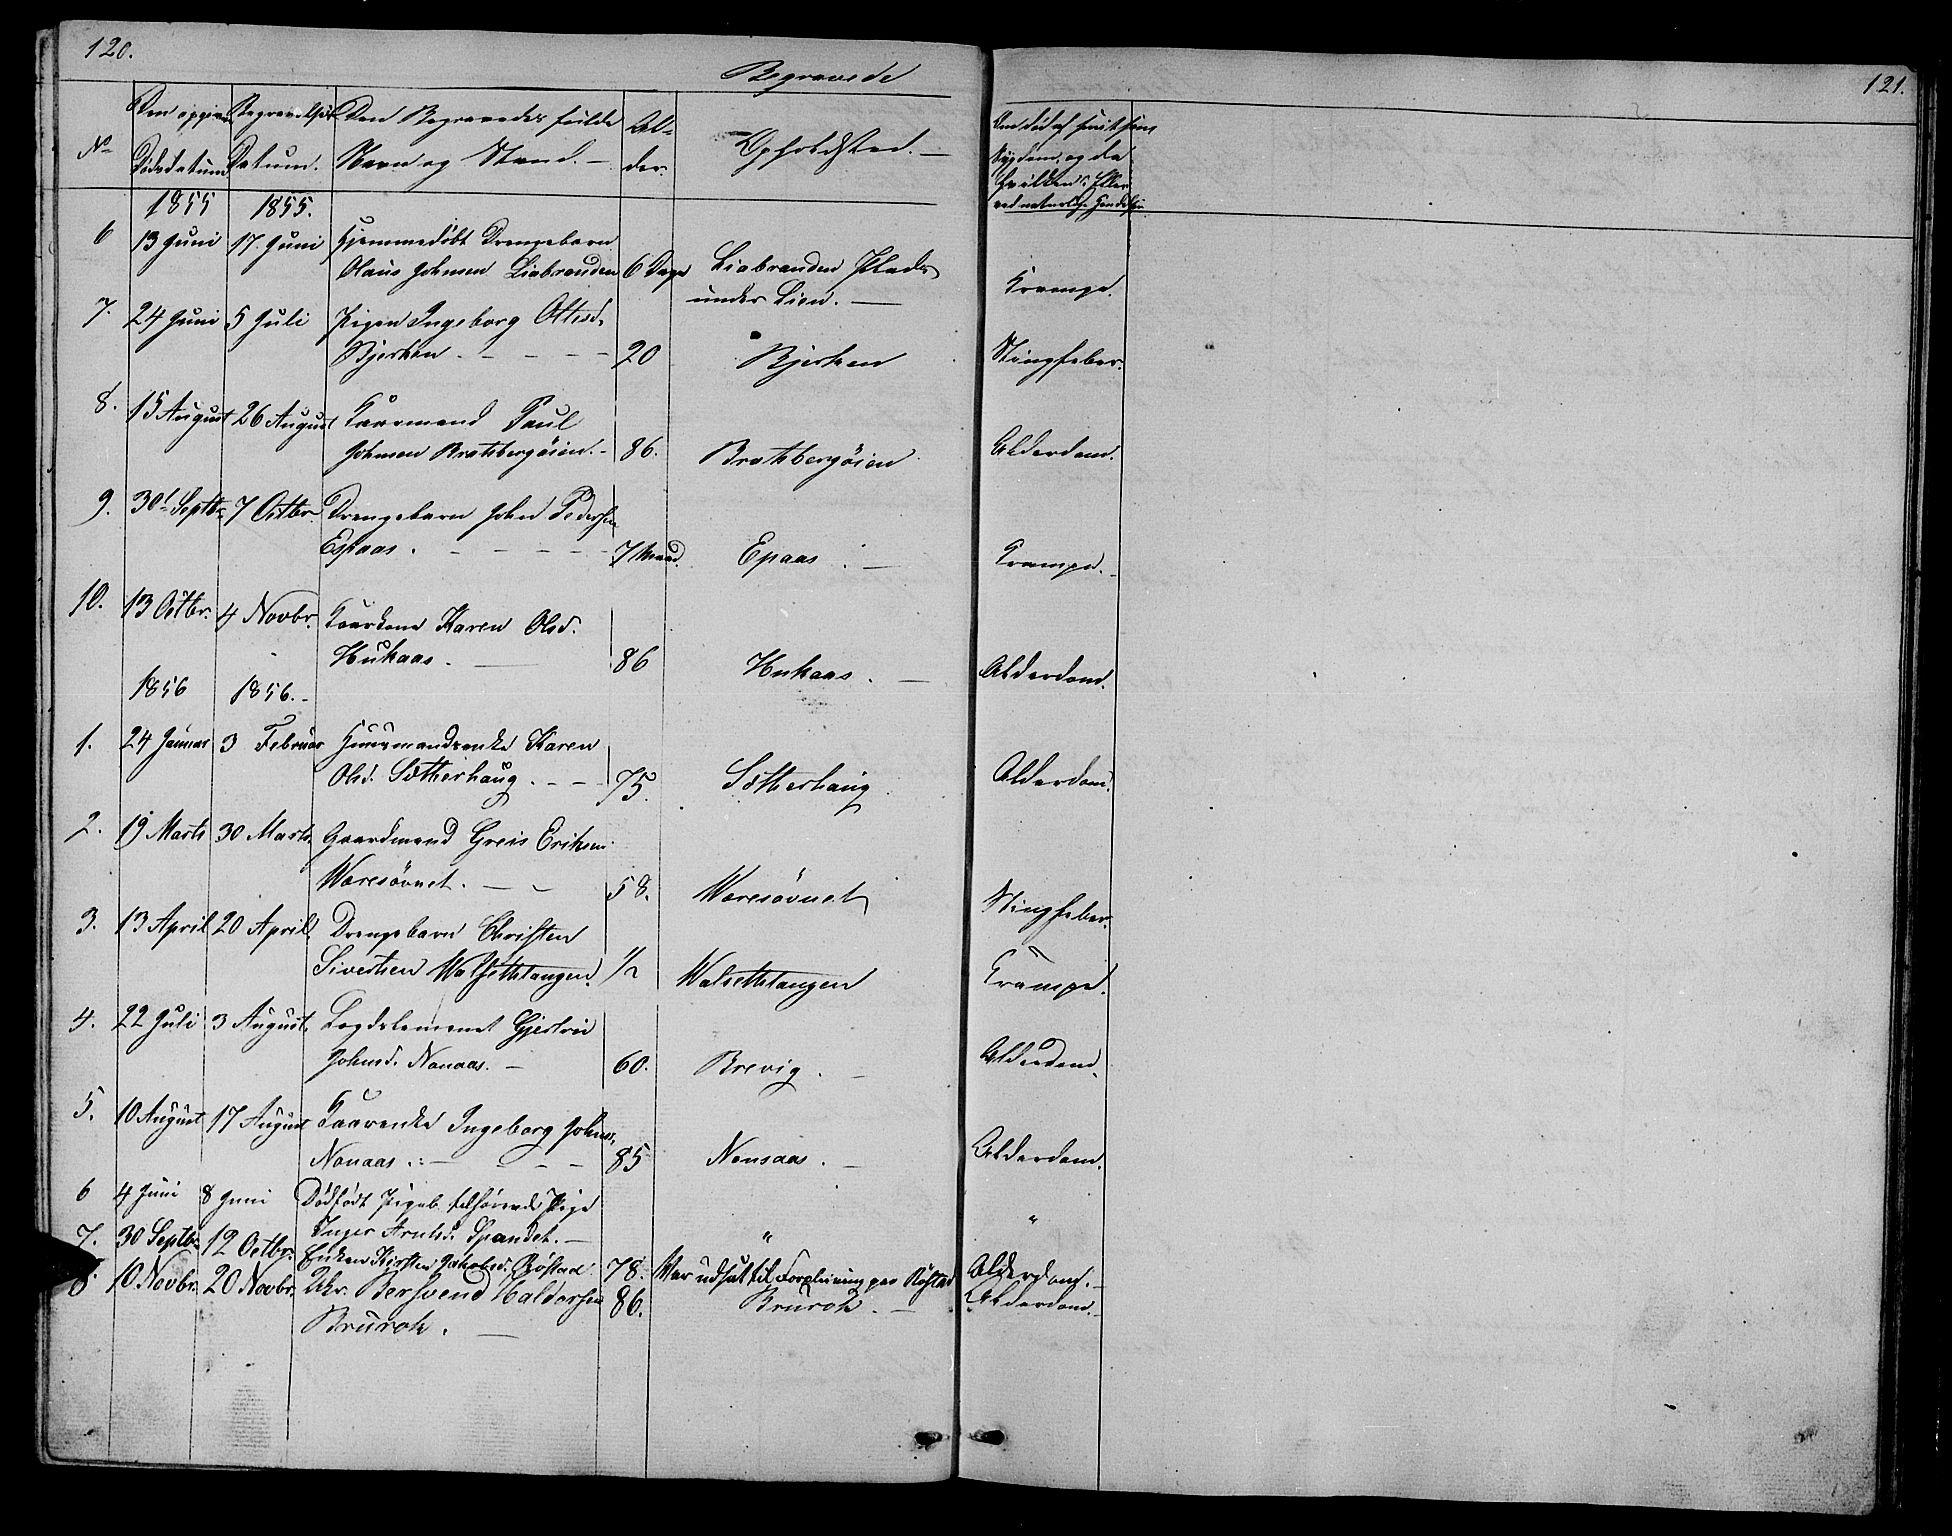 SAT, Ministerialprotokoller, klokkerbøker og fødselsregistre - Sør-Trøndelag, 608/L0339: Klokkerbok nr. 608C05, 1844-1863, s. 120-121